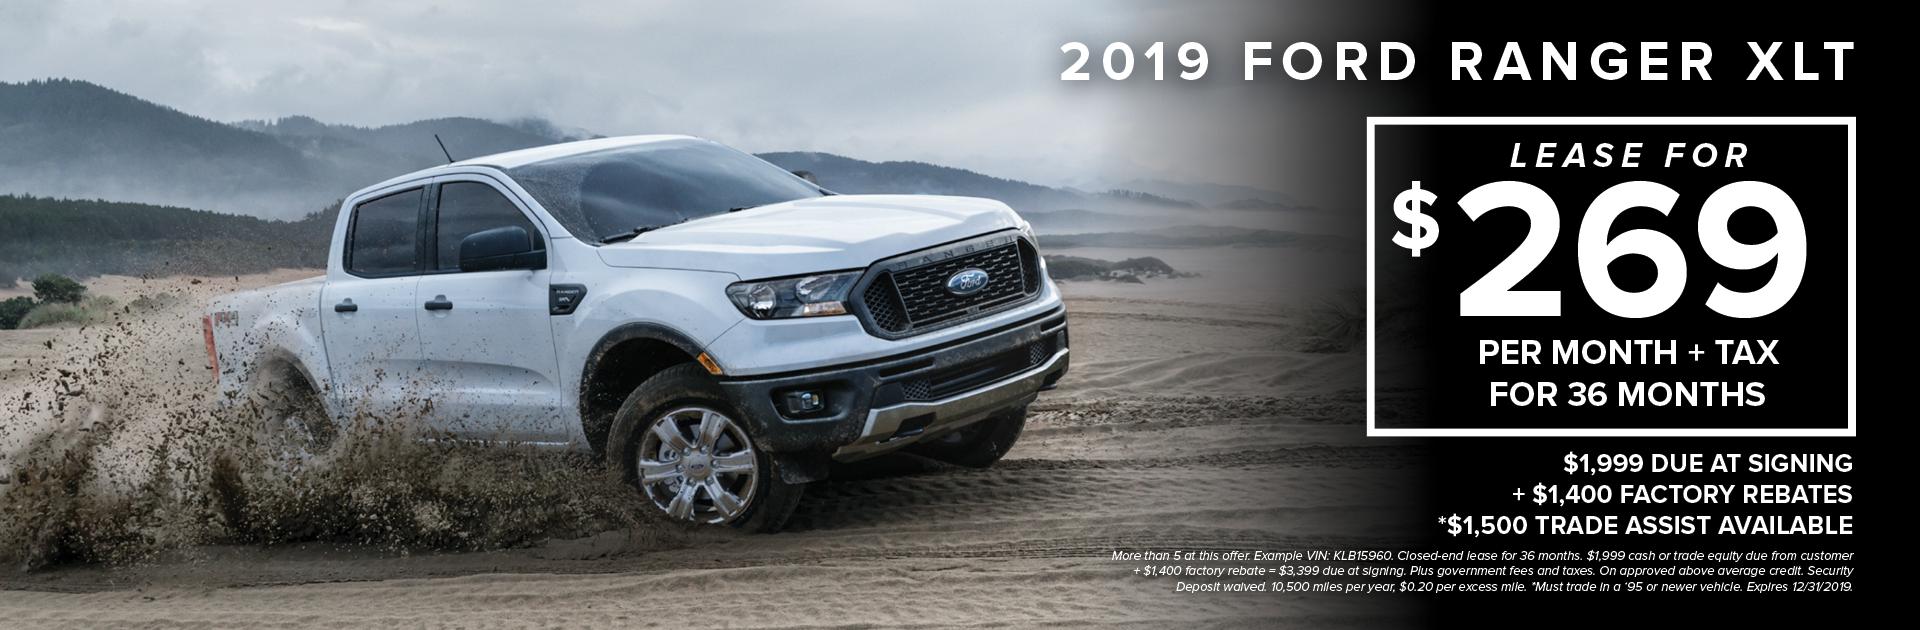 2019 Ford Ranger Xlt Lease3